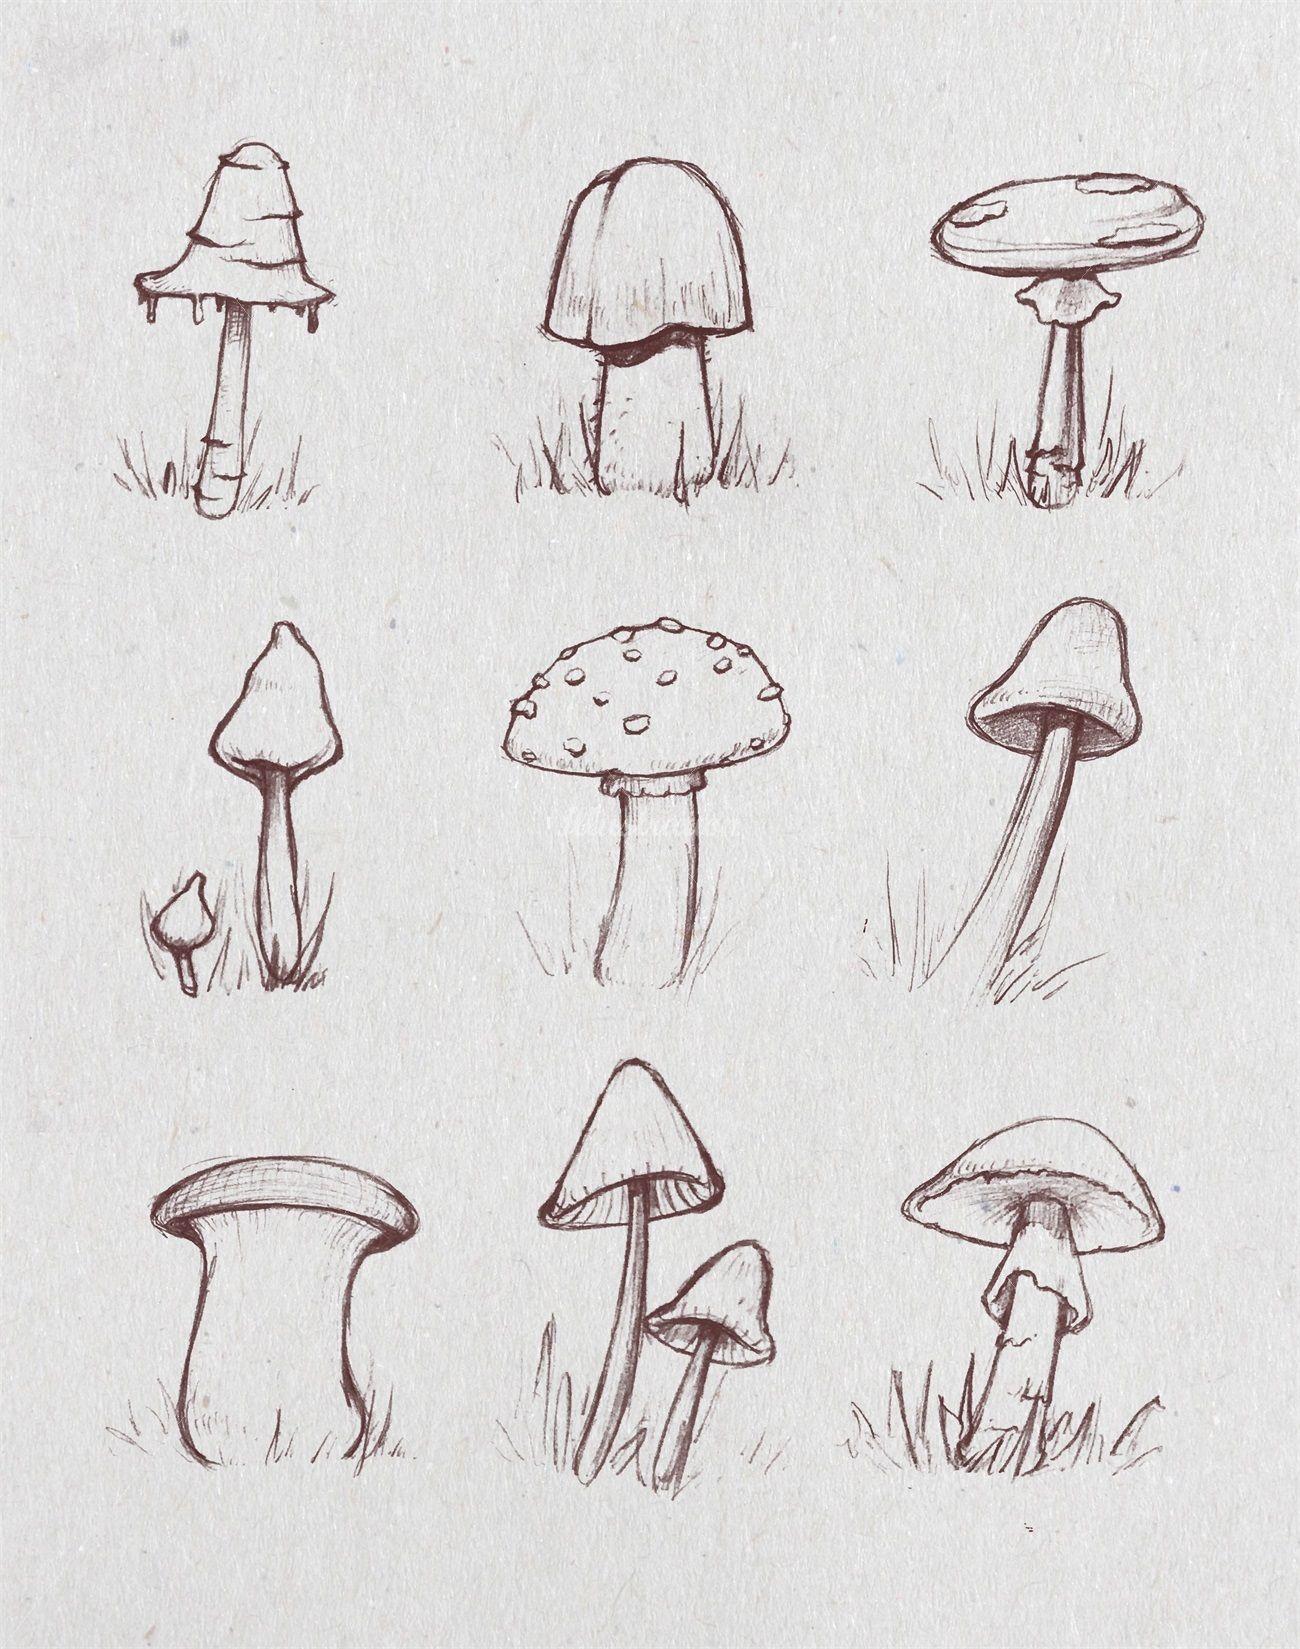 Sketch Of Growing Mushrooms Mushroom Growth Nature Fungi Autumn Fall Macro Food Art Drawing Sket Nature Art Drawings Nature Drawing Mushroom Art